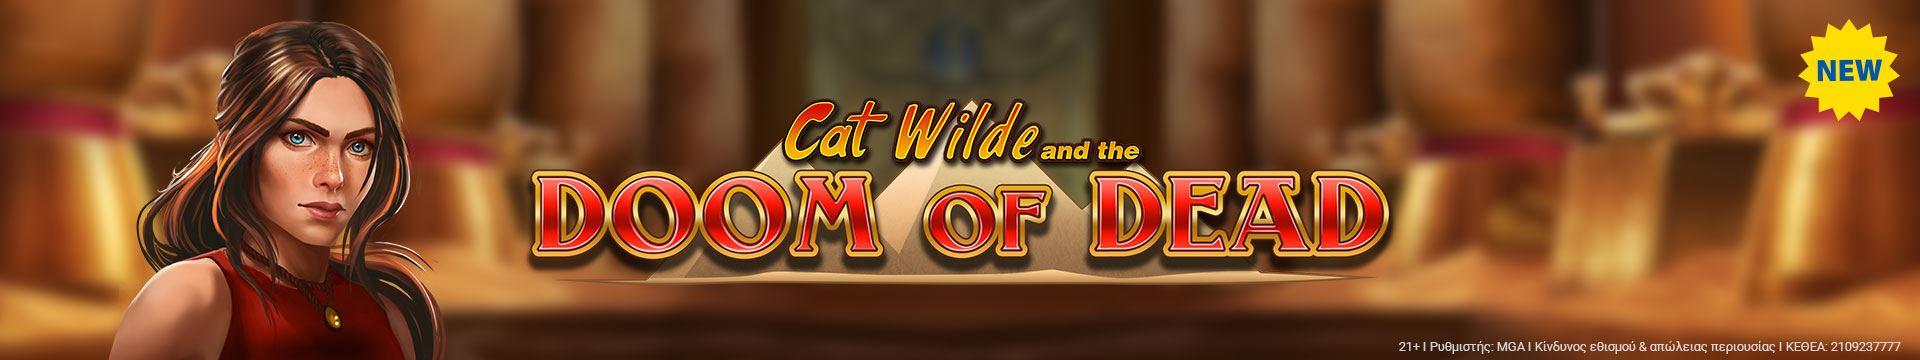 Doom_of_Dead